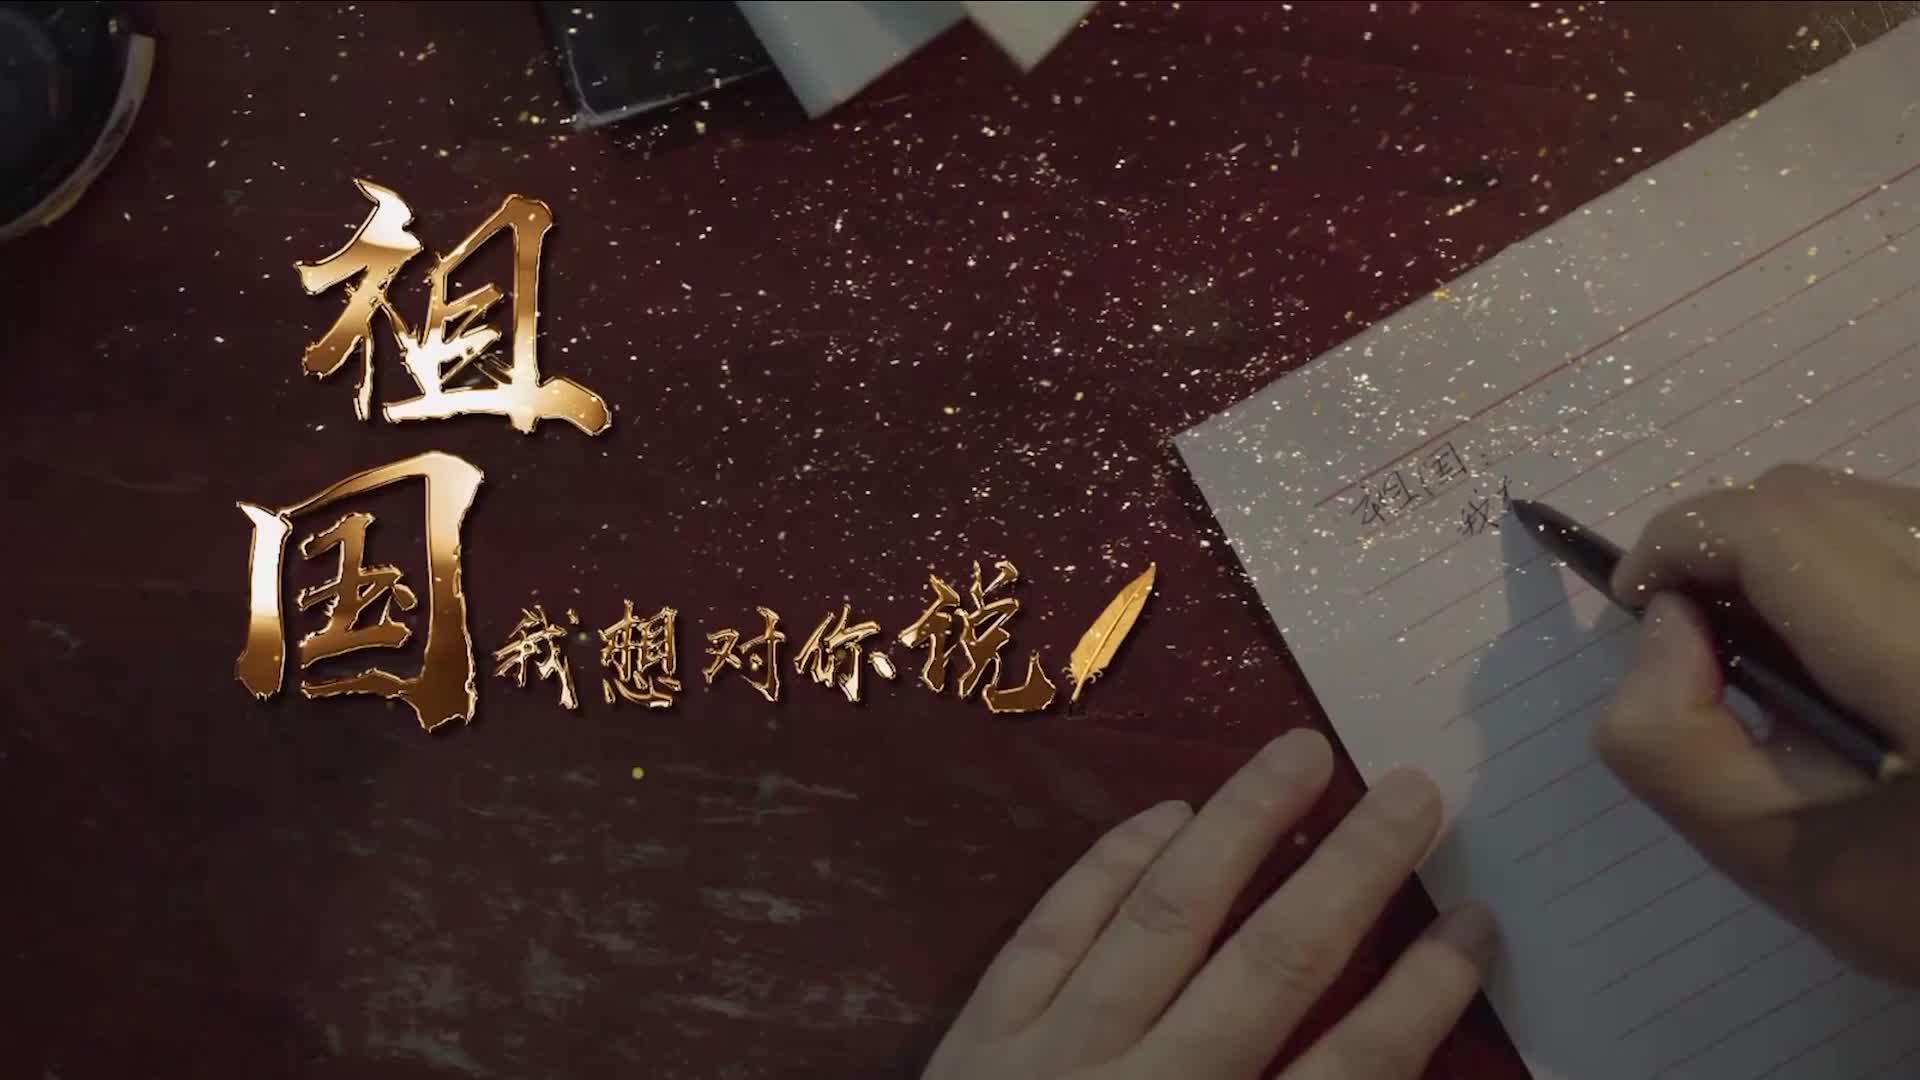 """著名文化学者肖云儒先生写给祖国的一封信,看他如何讲述""""我的中国心"""""""